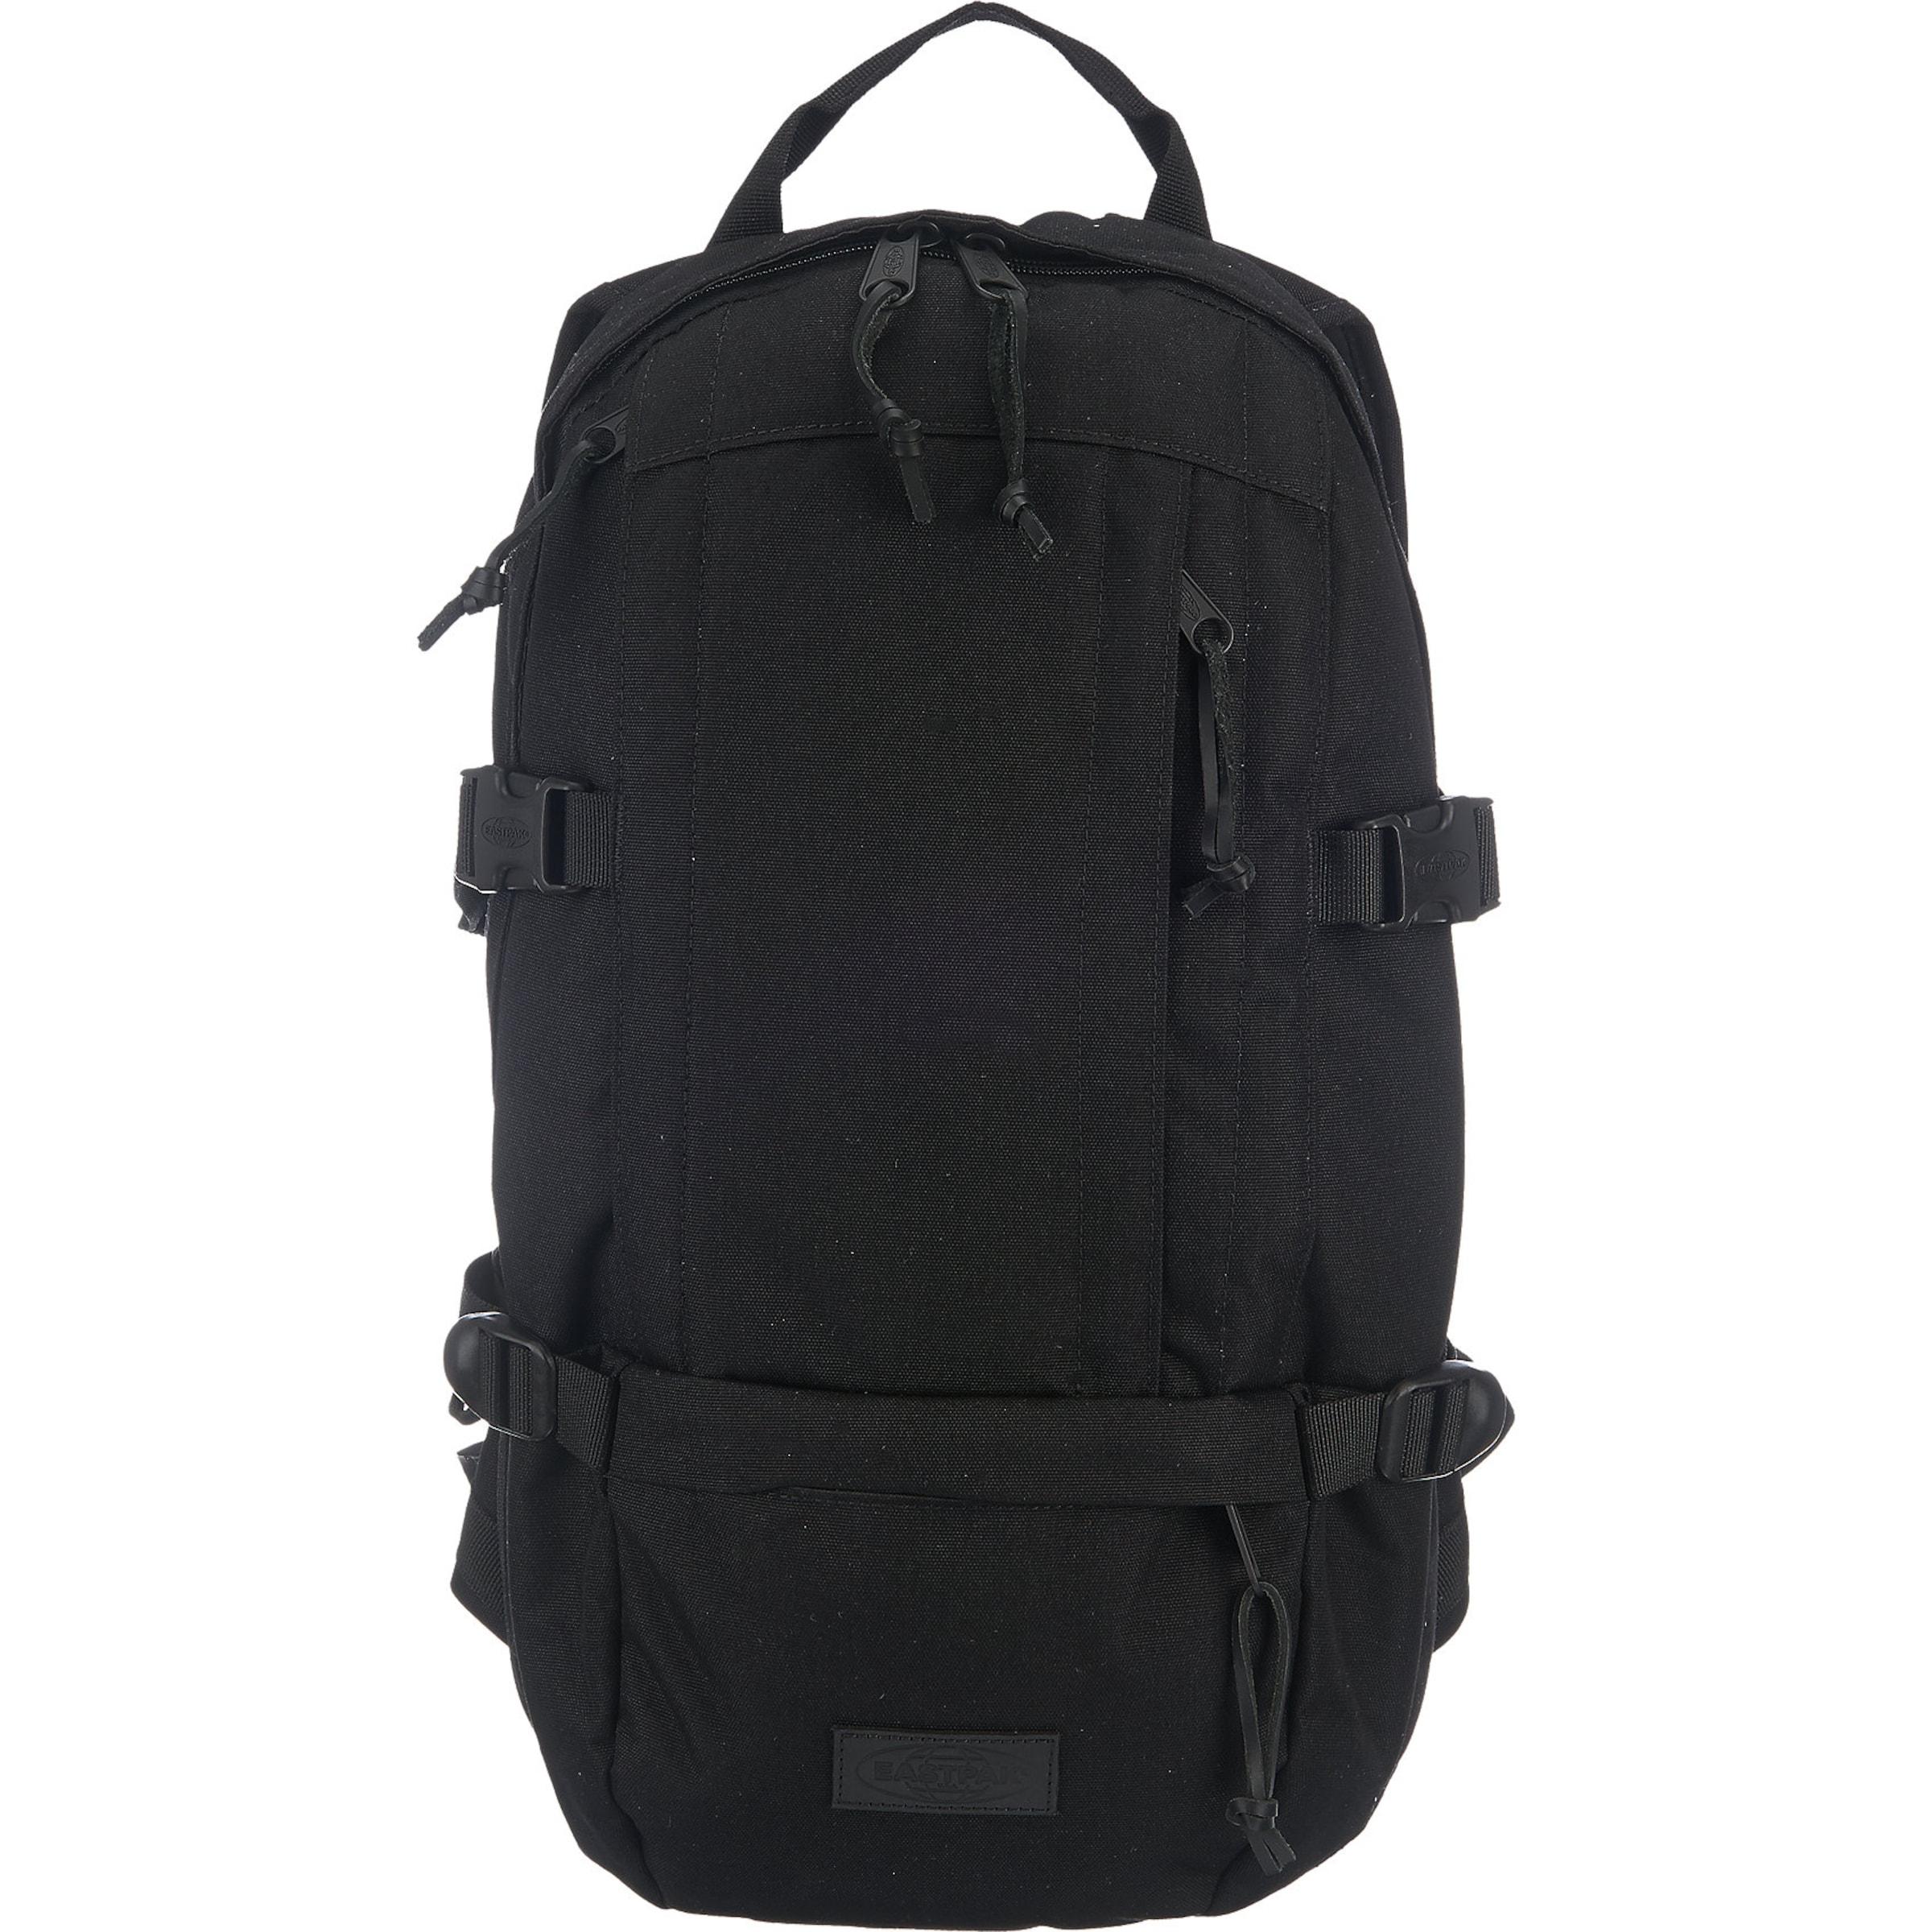 EASTPAK Floid Rucksack Wählen Sie Einen Besten Online-Verkauf zOdm0